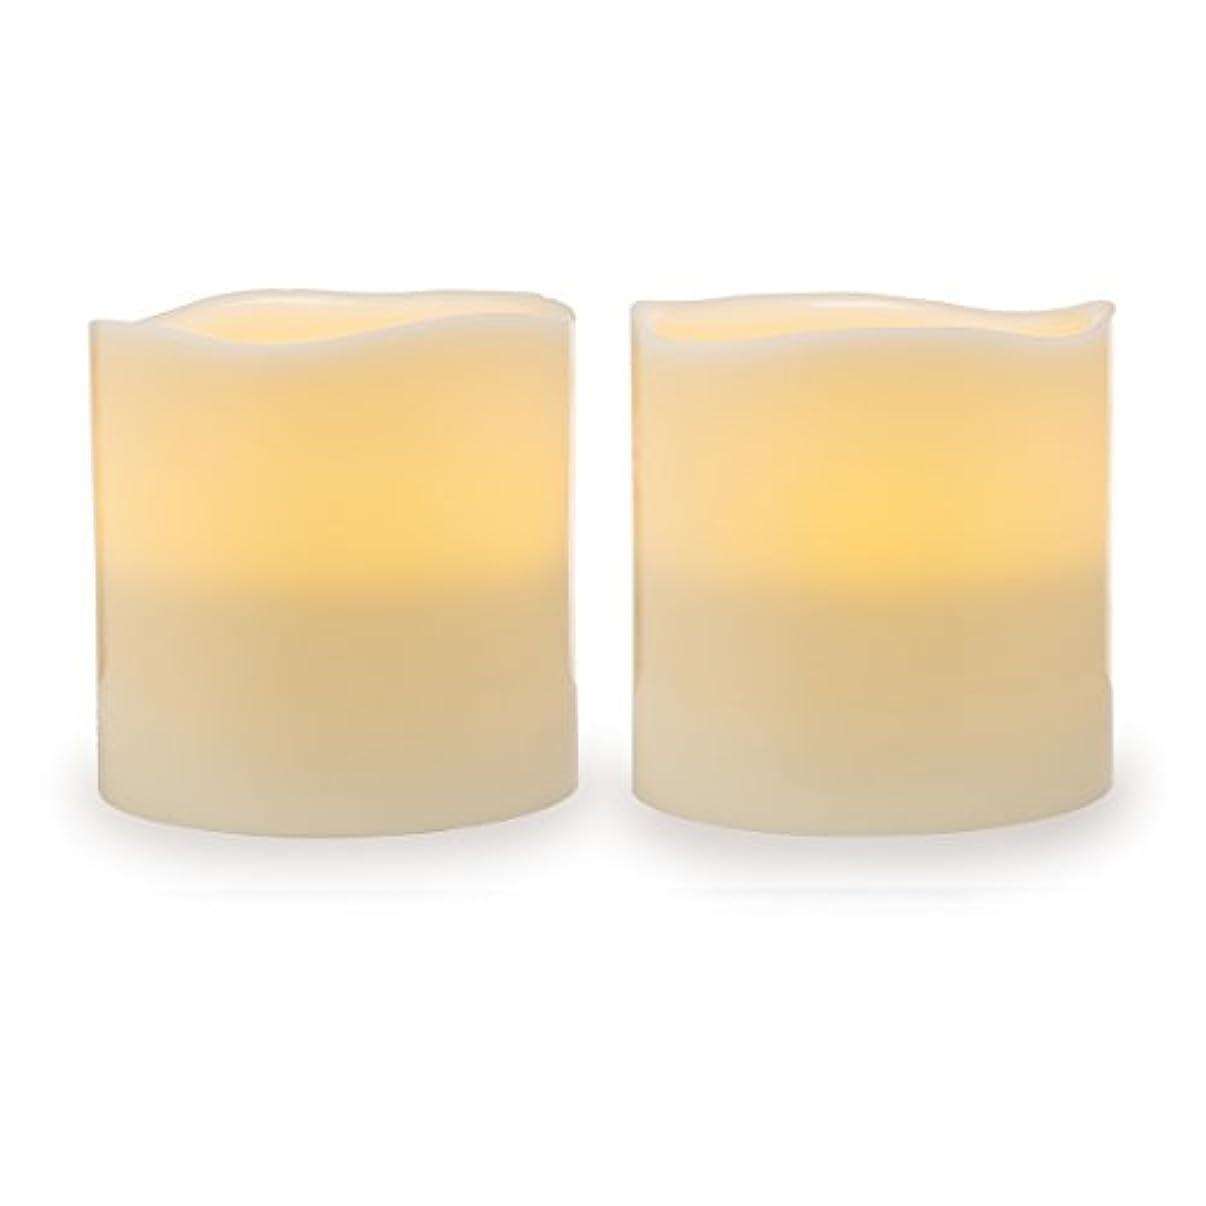 有効処分した縁石Darice電池式LED Pillar Candleセット、2ピース